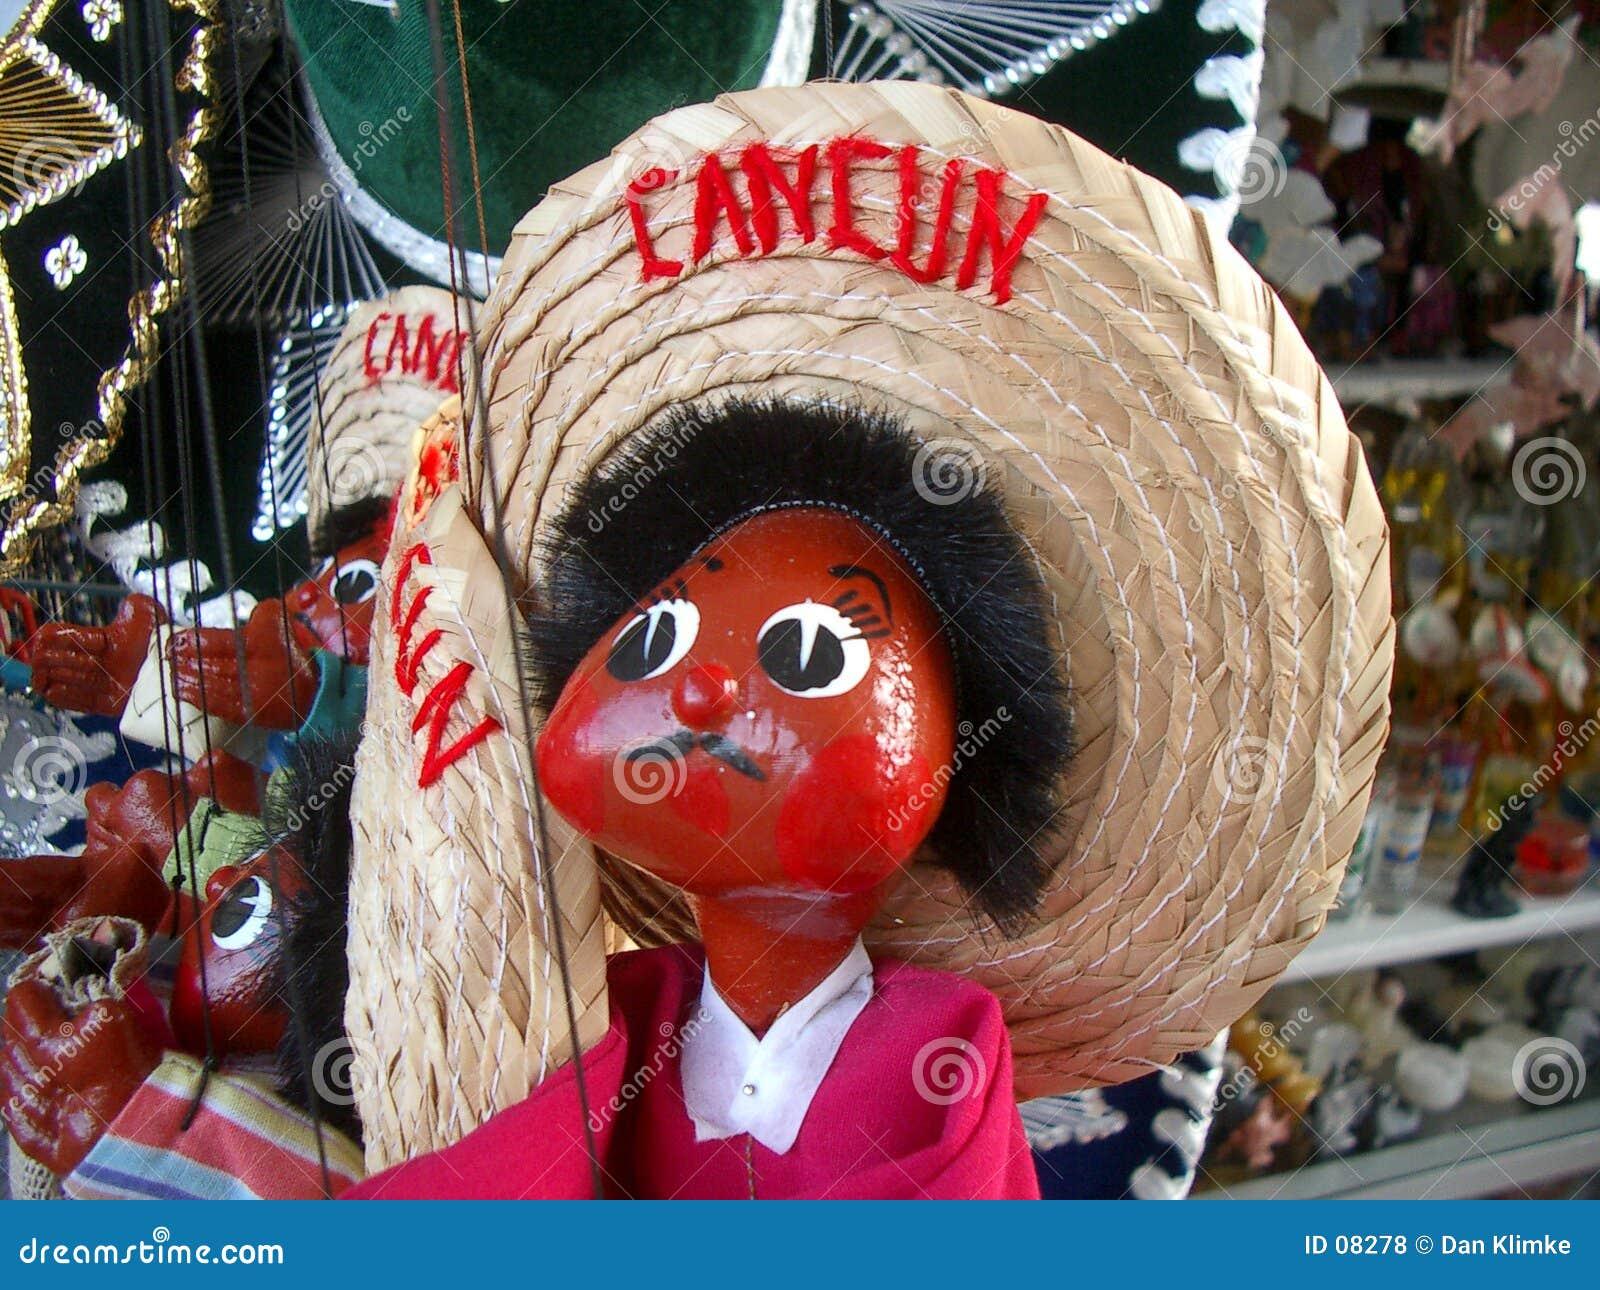 Cancun Puppet